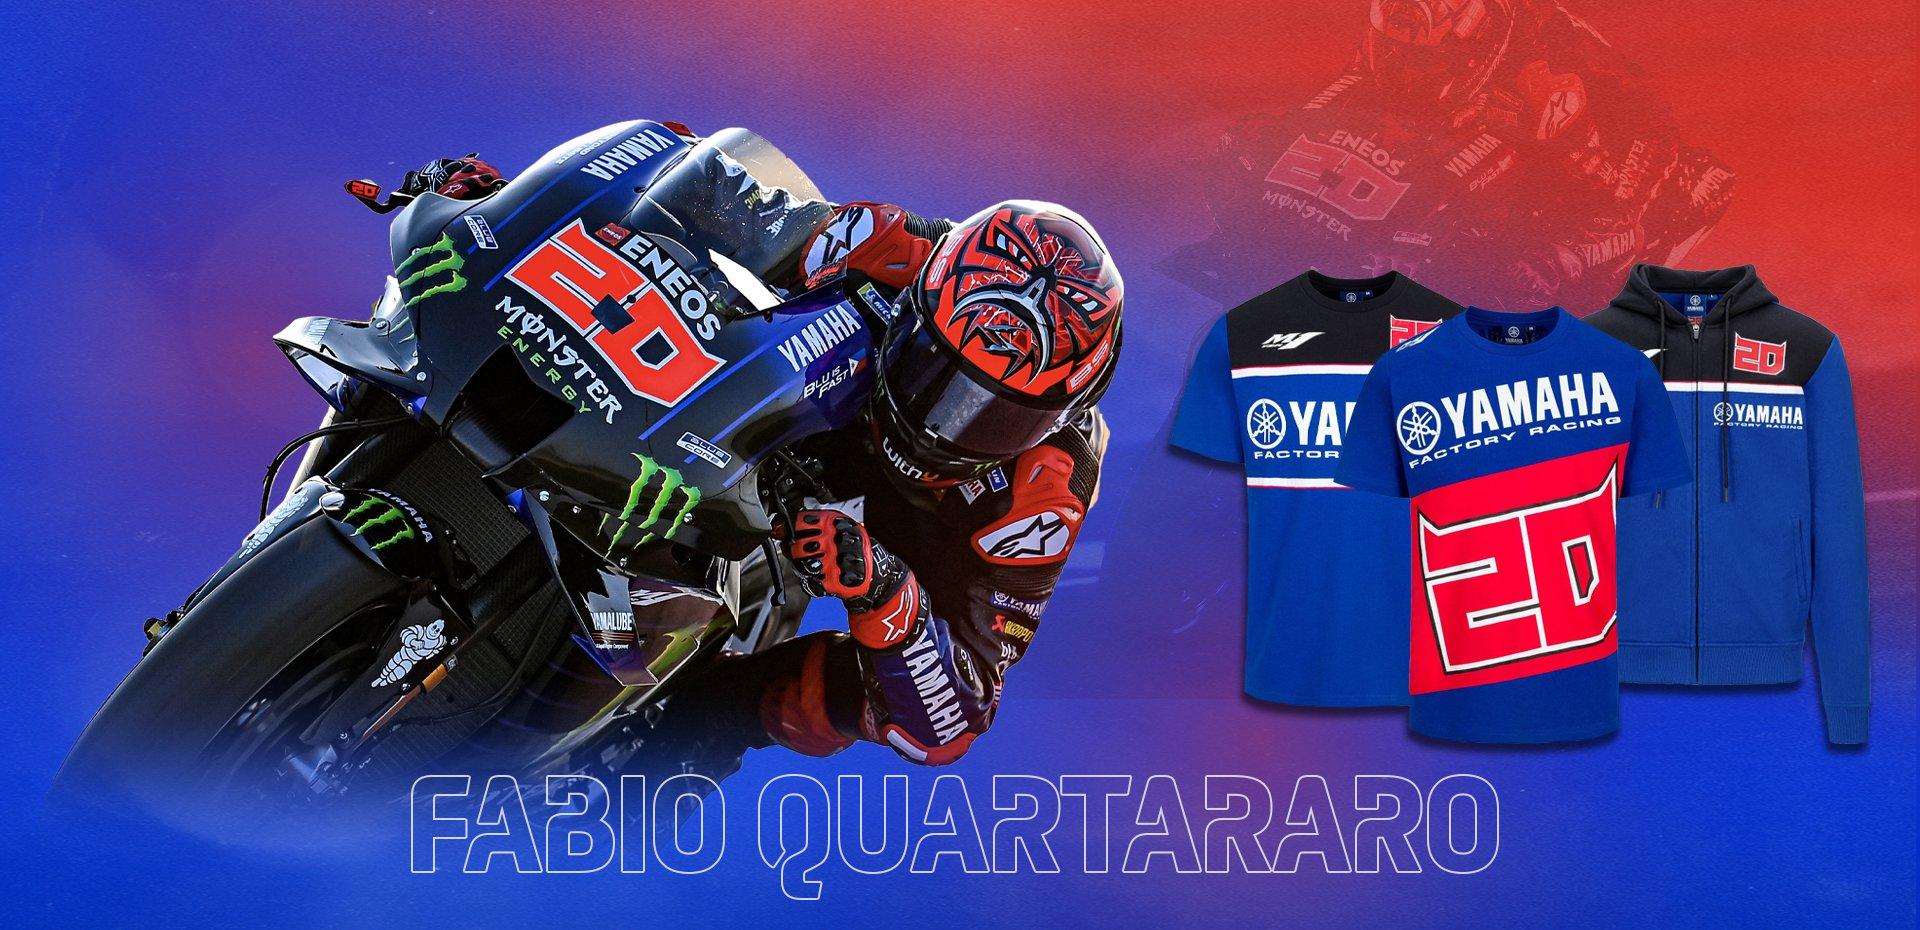 Nouvelle collection FQ20 et Yamaha